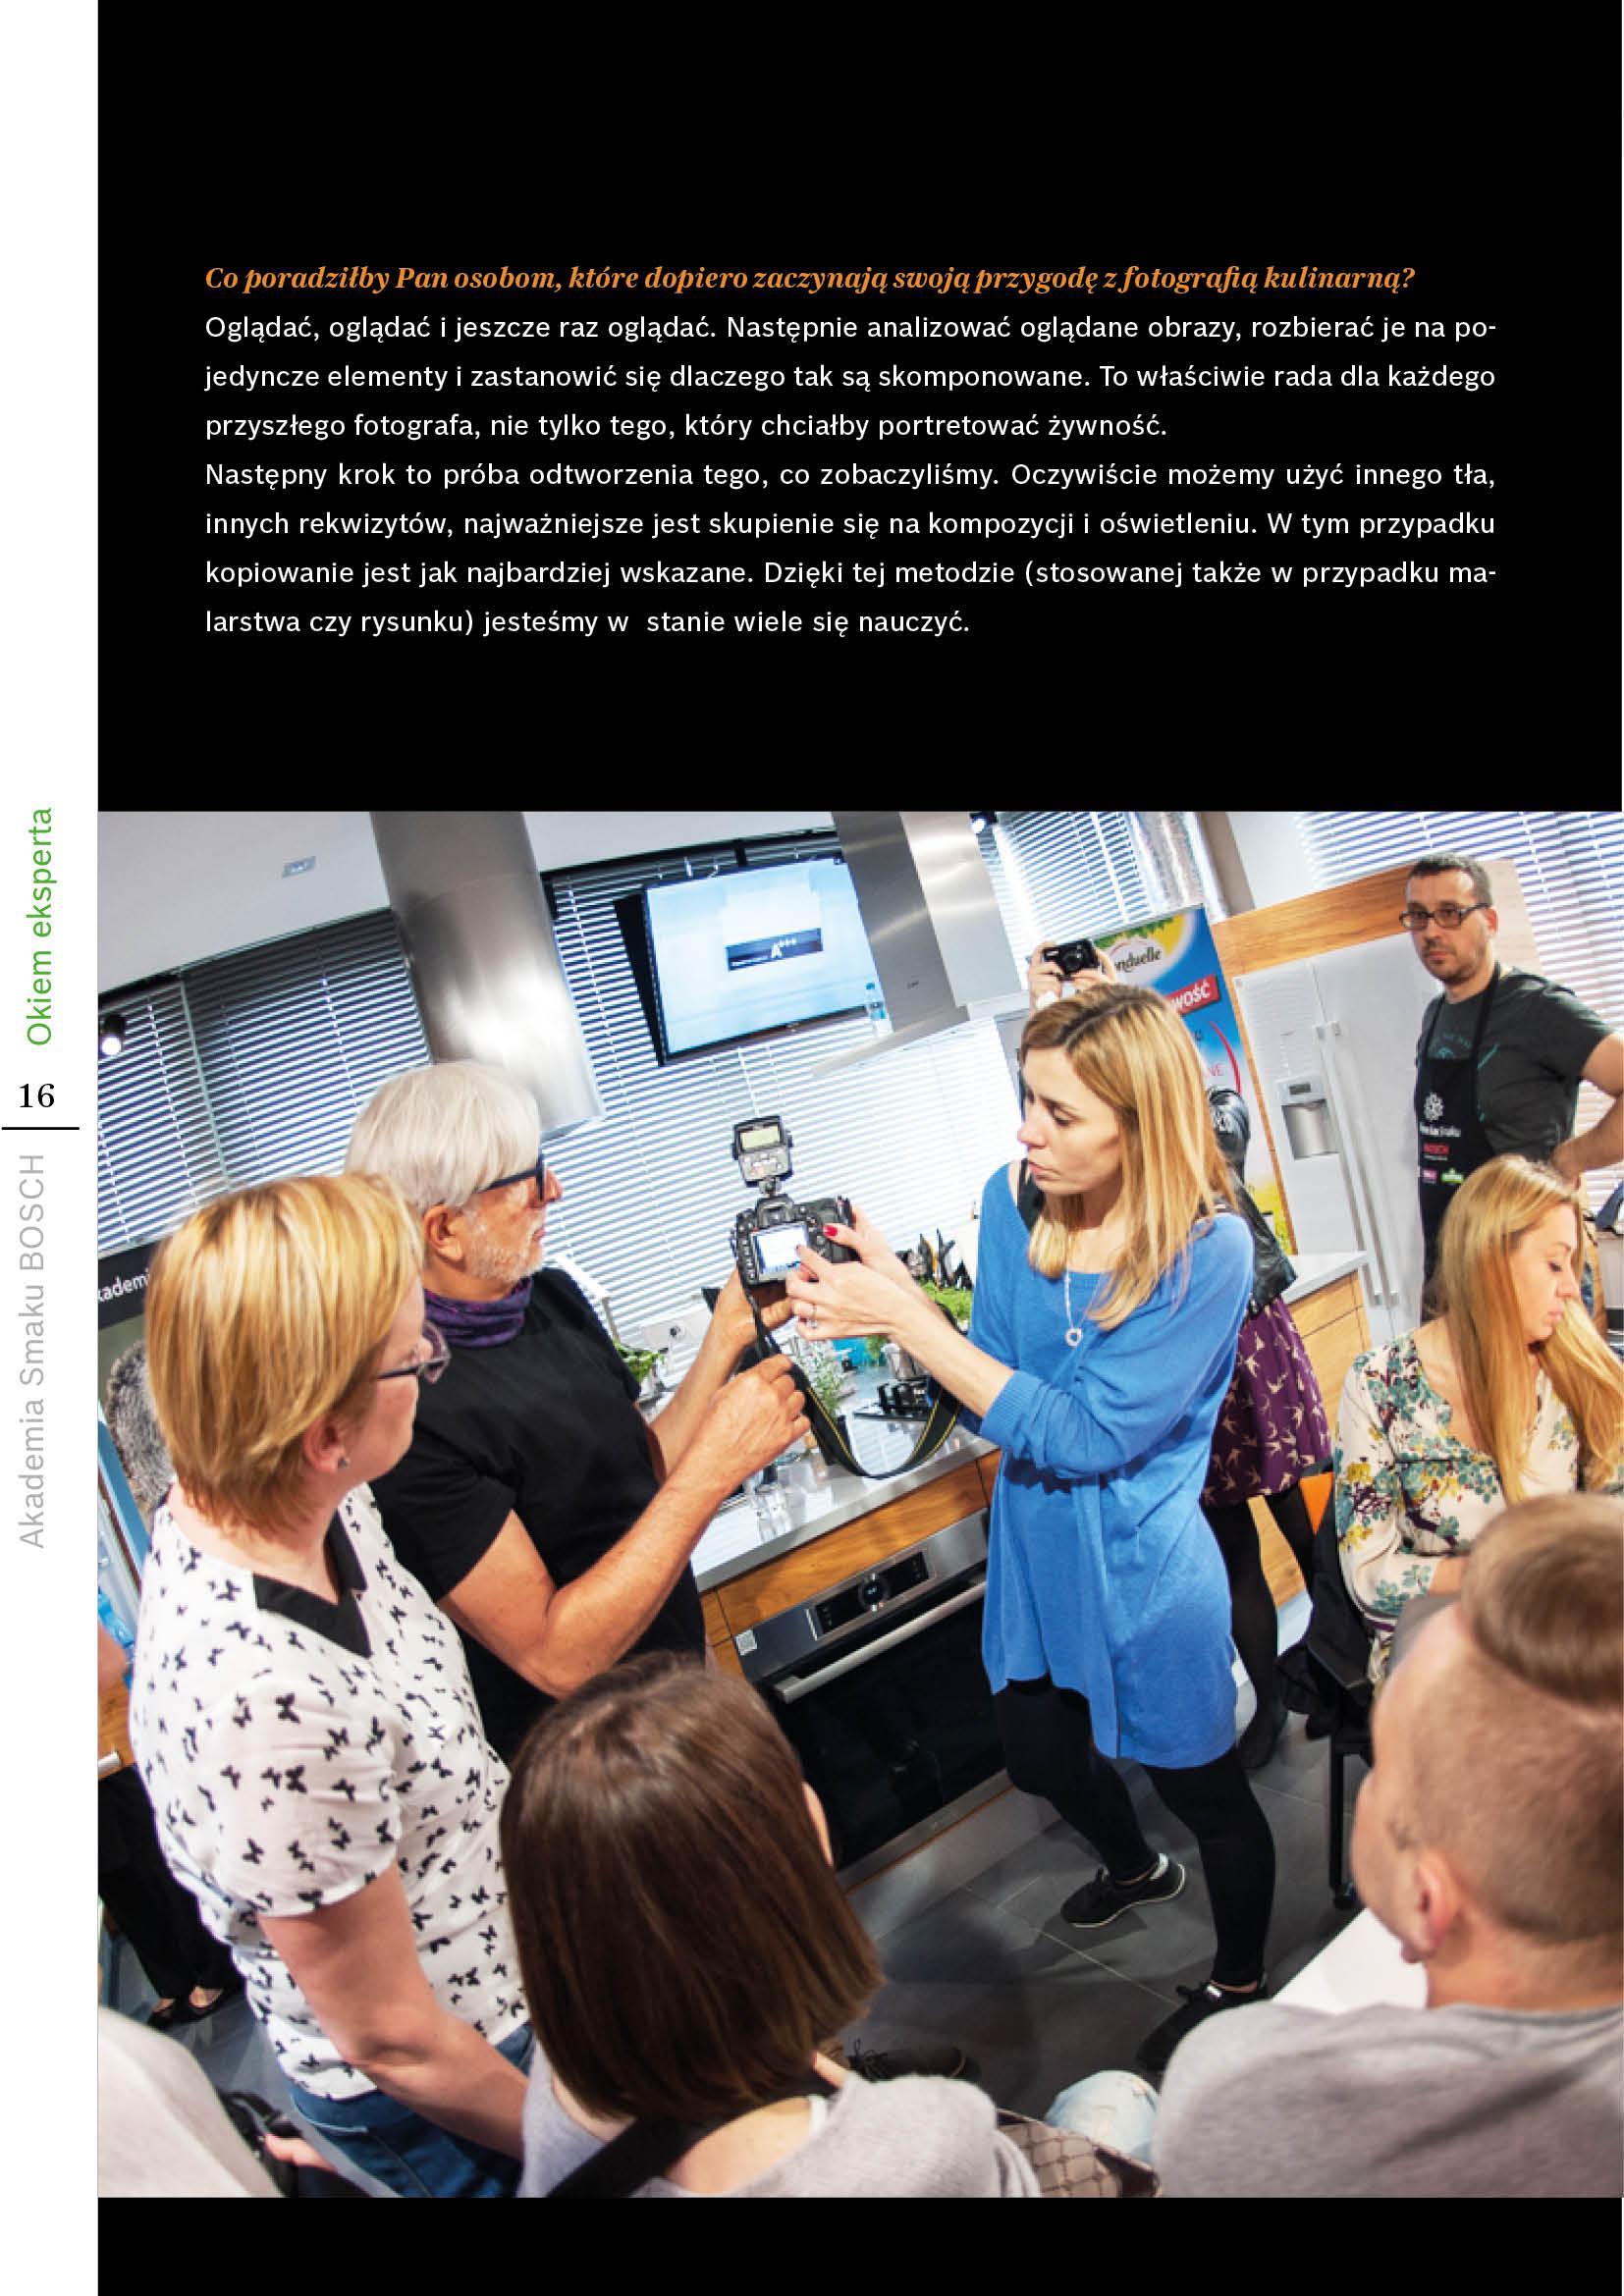 Fotowarsztaty: uczta dla oczu - Strona 16